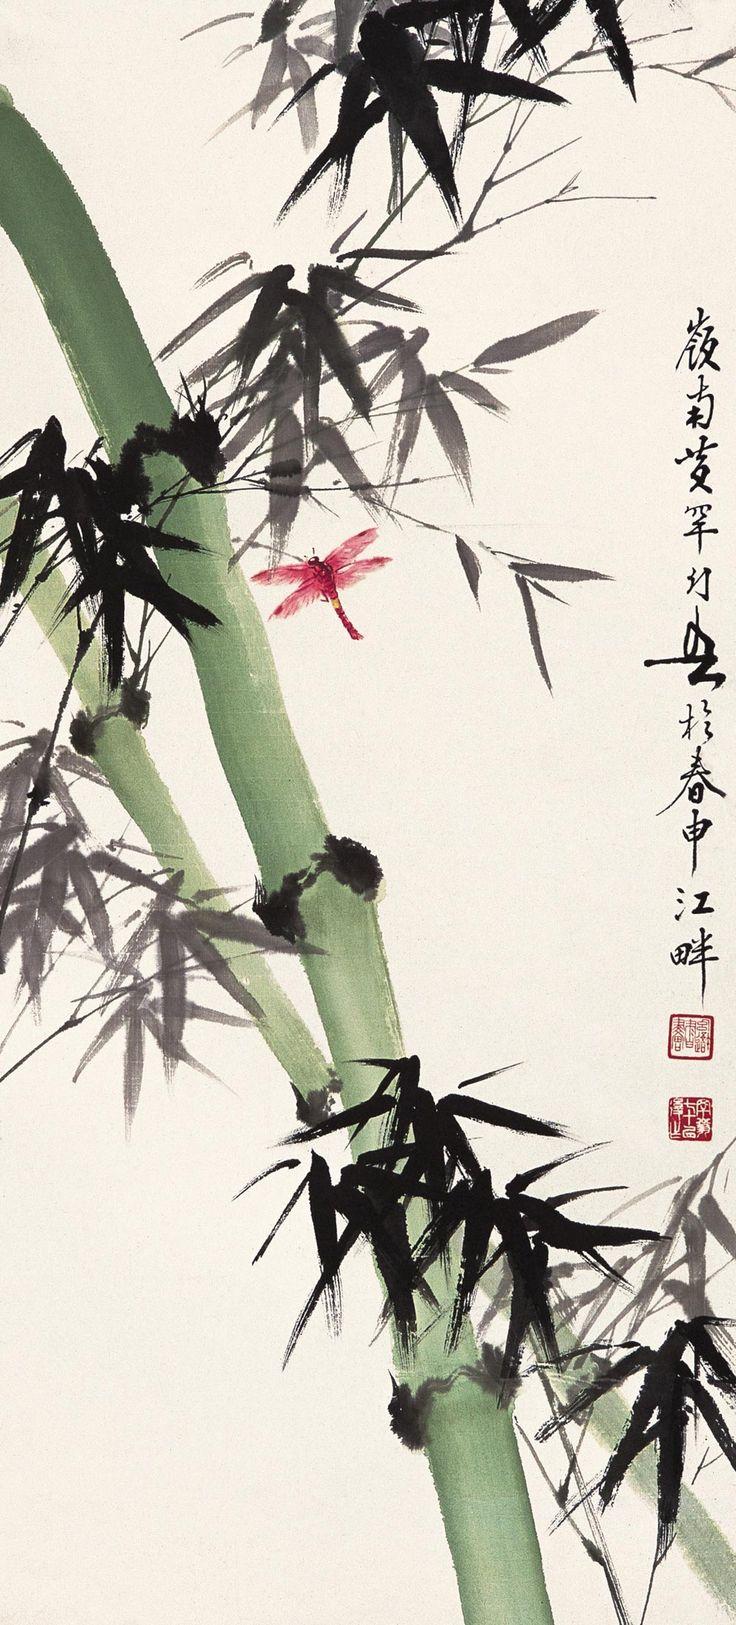 #MasterHuangHuanWu #ChineseInkPainting #OrientalPaintingBamboo